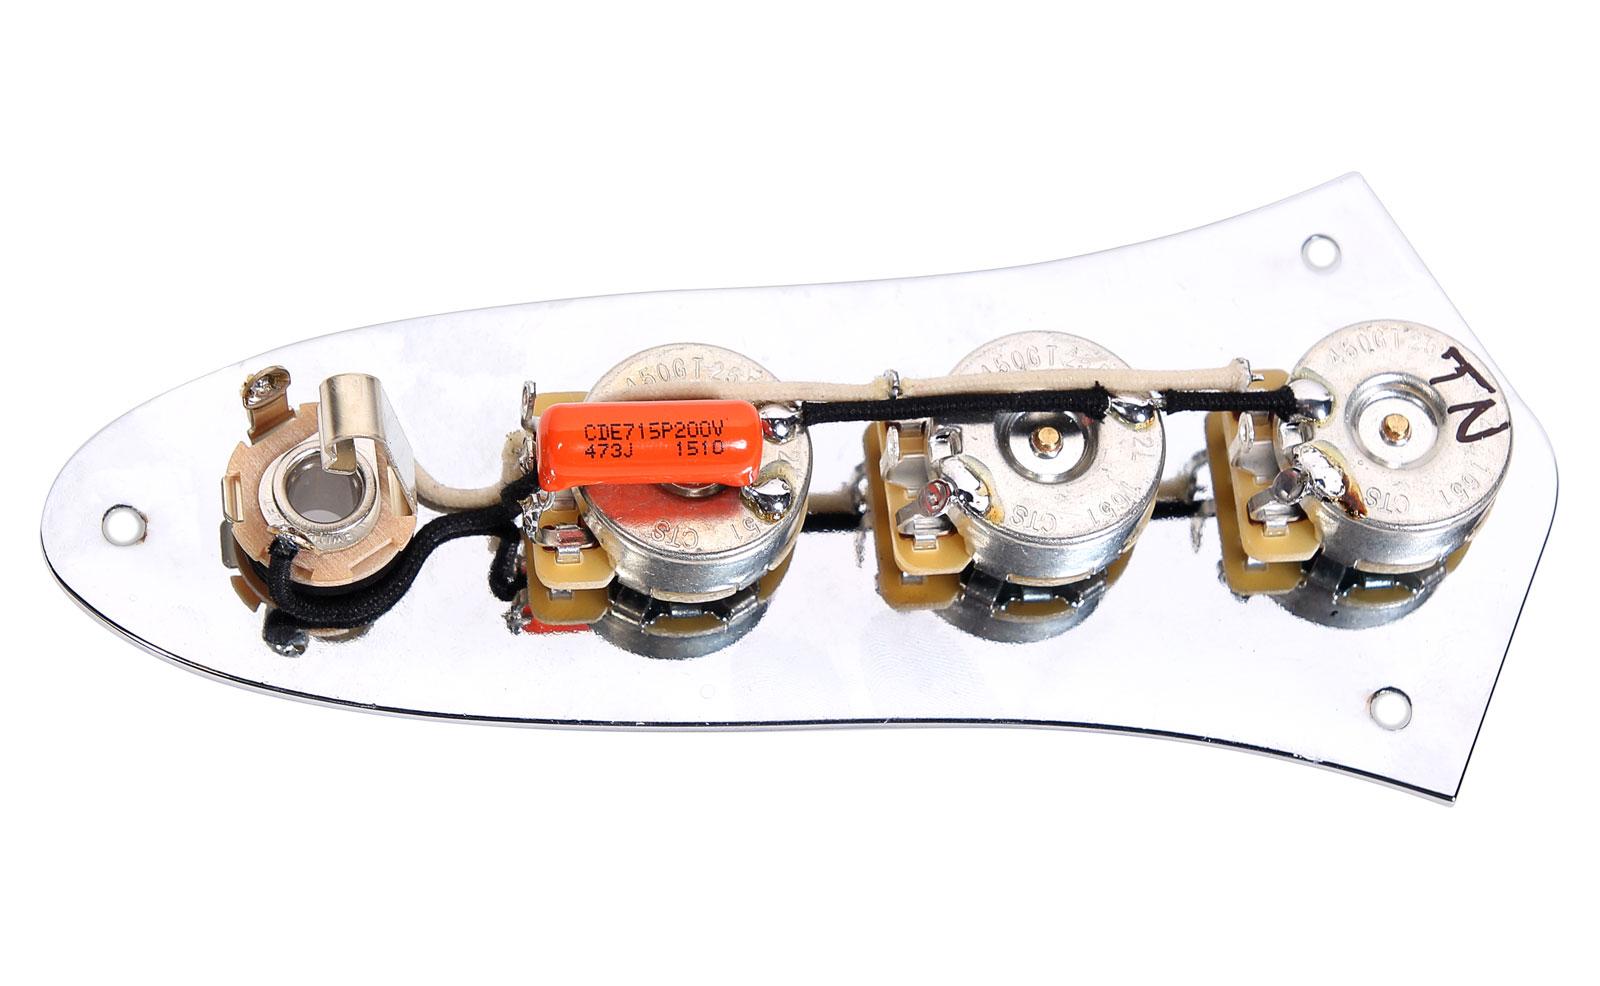 seymour duncan stk j2n j2b hot for fender jazz bass guitar pickups control plate 601629463322 ebay. Black Bedroom Furniture Sets. Home Design Ideas